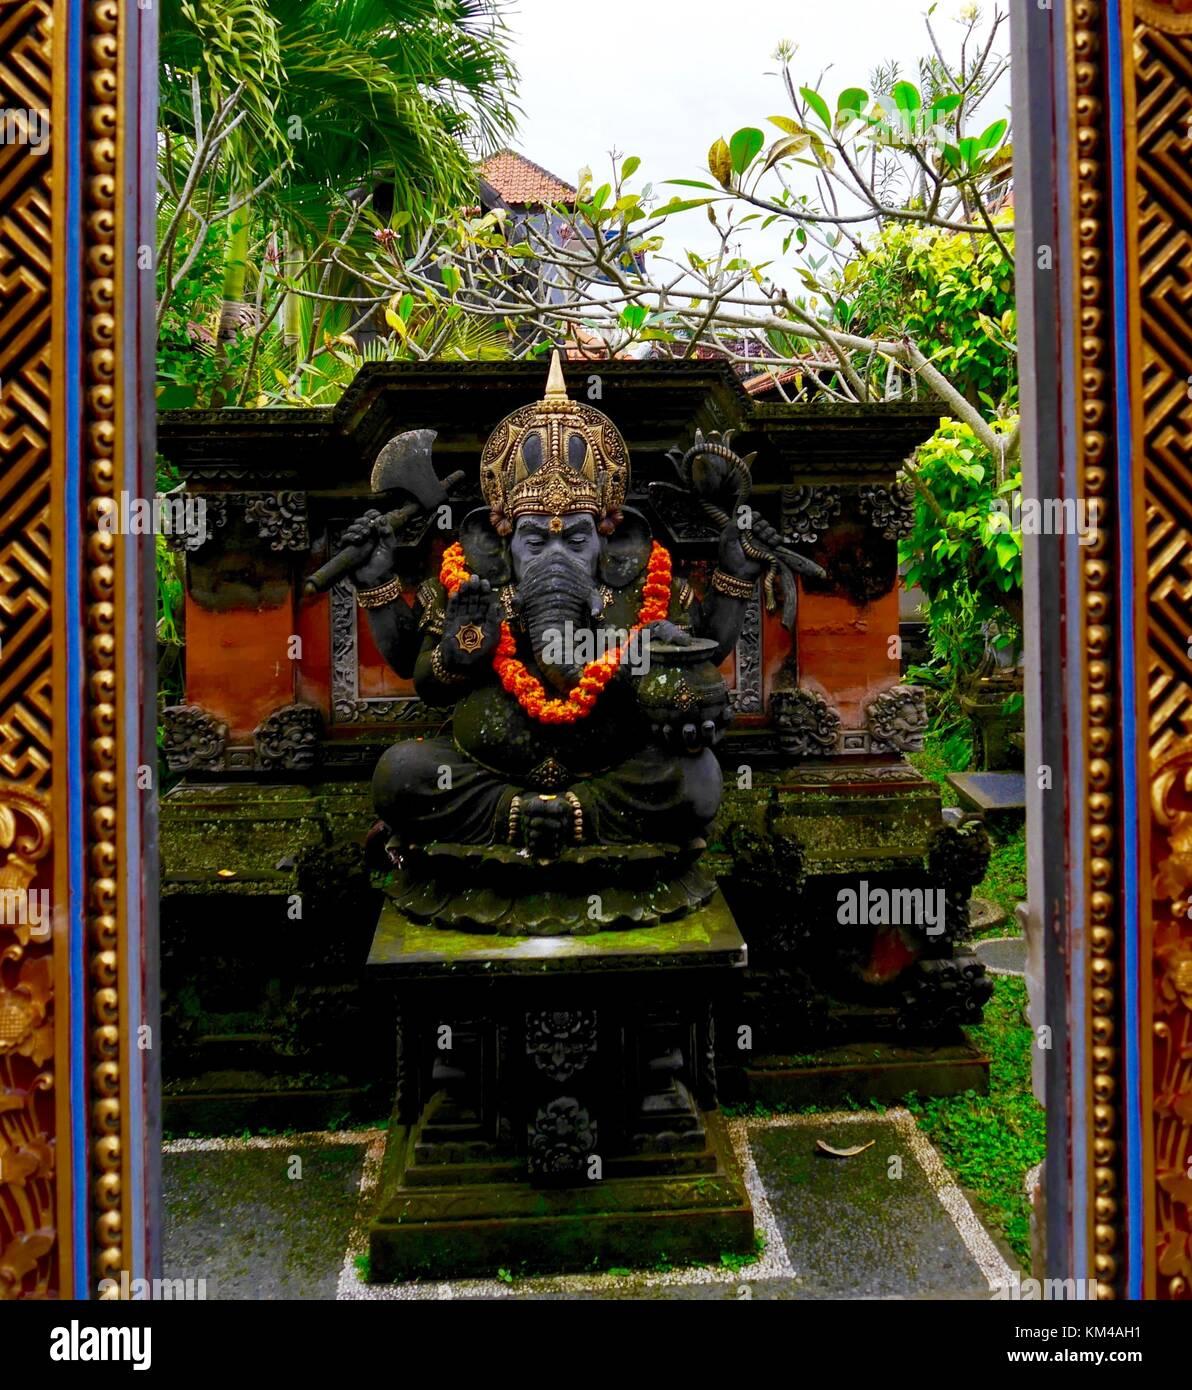 Vertikaler statue Der elefantenköpfige Ganesha Hindu Gott (Ganesh) mit Ringelblume Girlande im grünen Haus Garten, Stockfoto